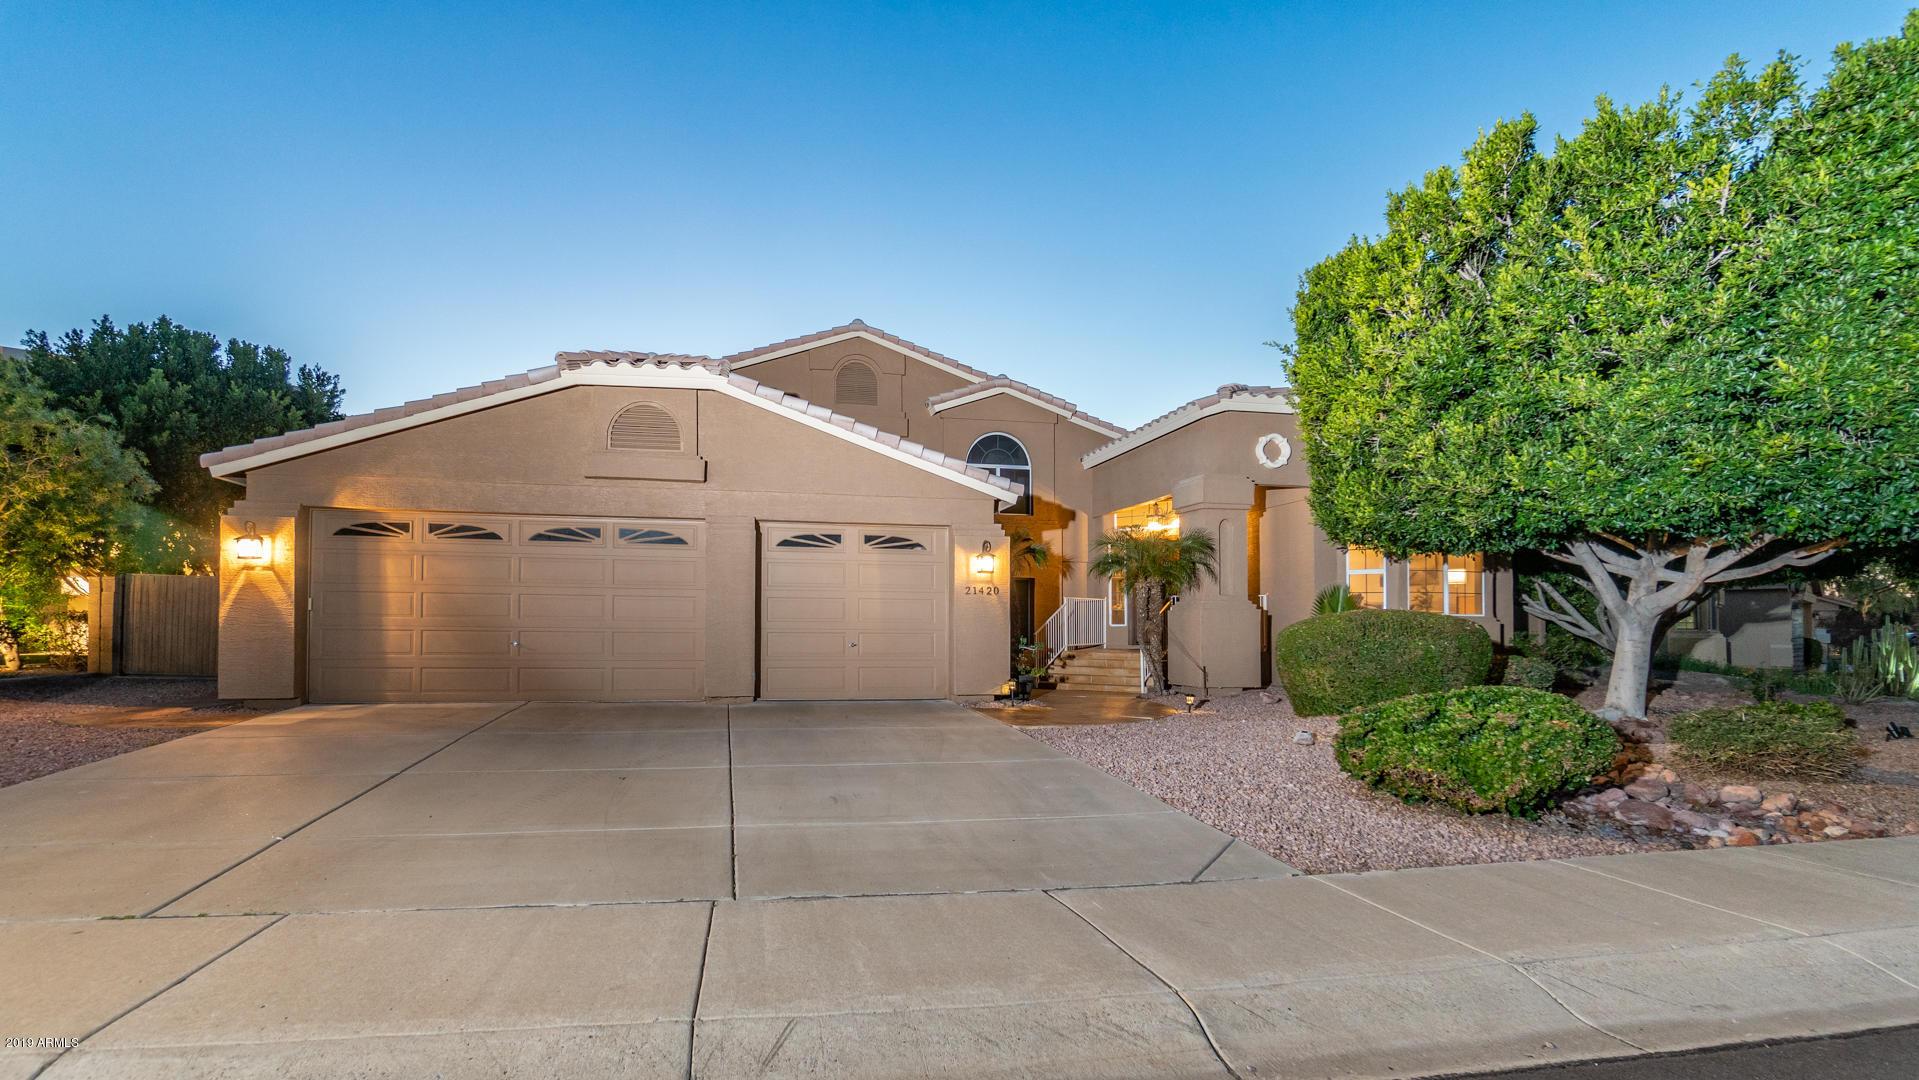 Photo of 21420 N 52ND Avenue, Glendale, AZ 85308